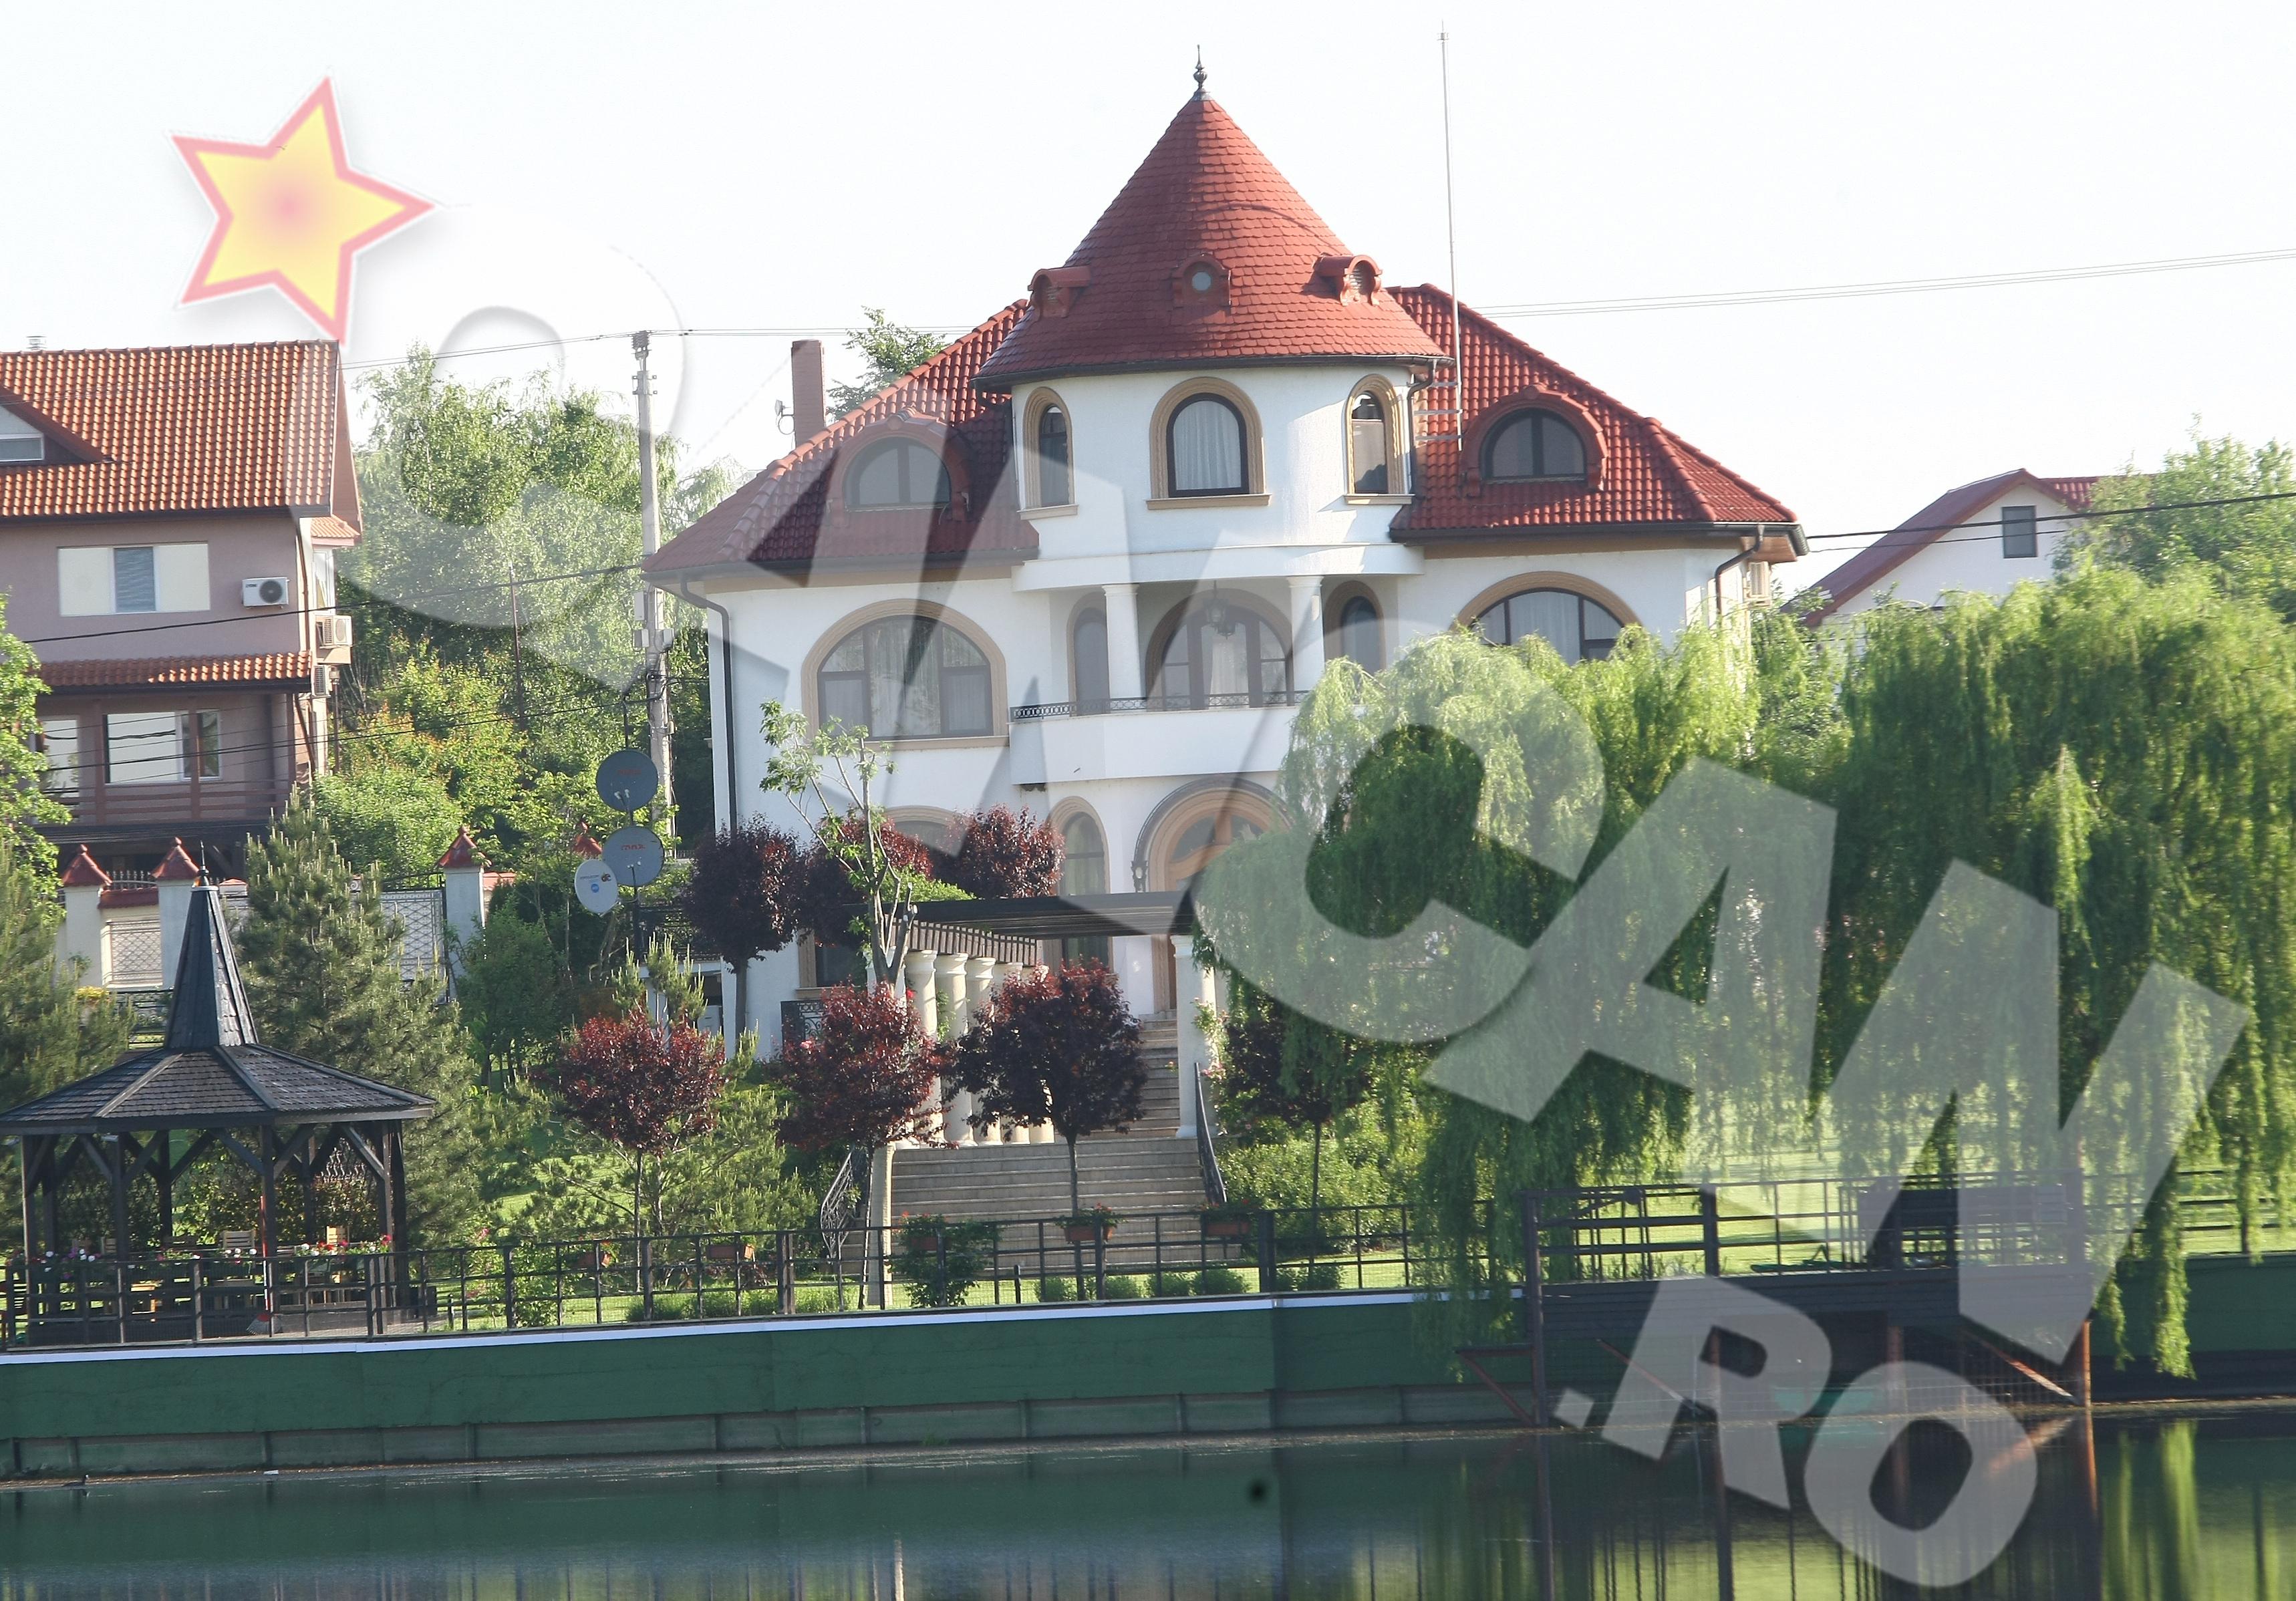 Vila si terenurile pe care fostii soti Negoita le detin la Balotesti au fost evaluate de catre experti imobiliari la aproape 700.000 de euro